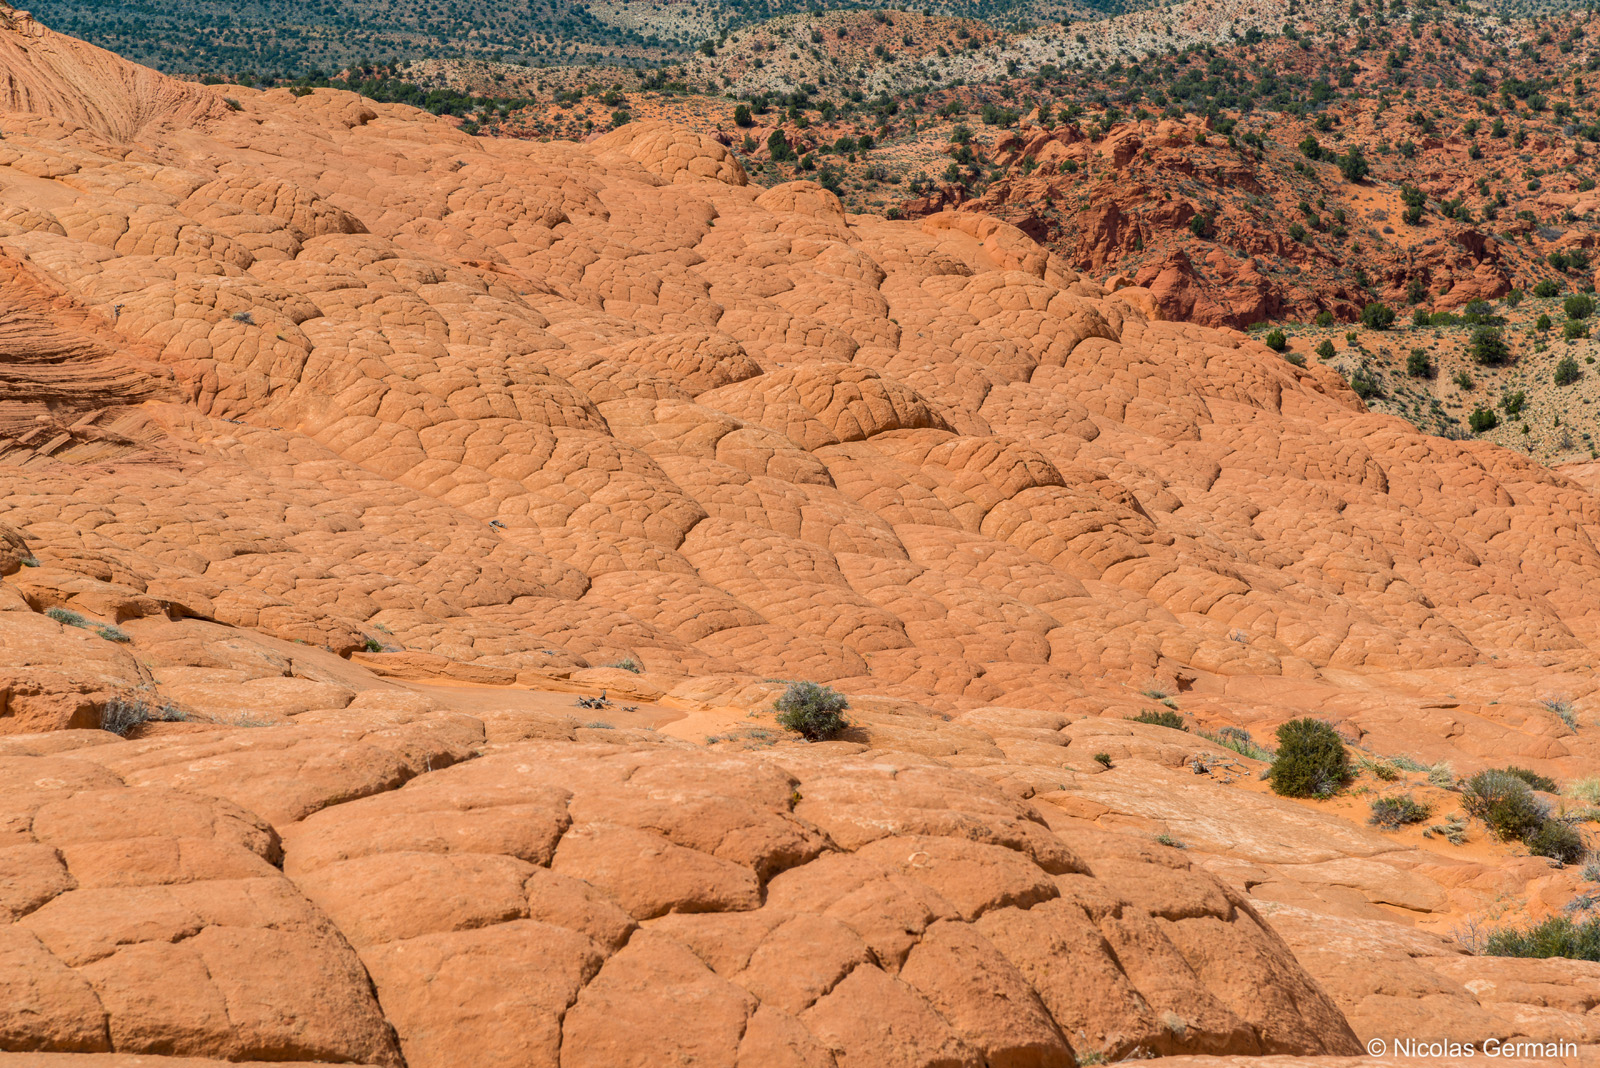 De nombreux brainrocks, roches en forme de cerveaux, sont visibles à Edmaier's Secret, dans le sud de l'Utah